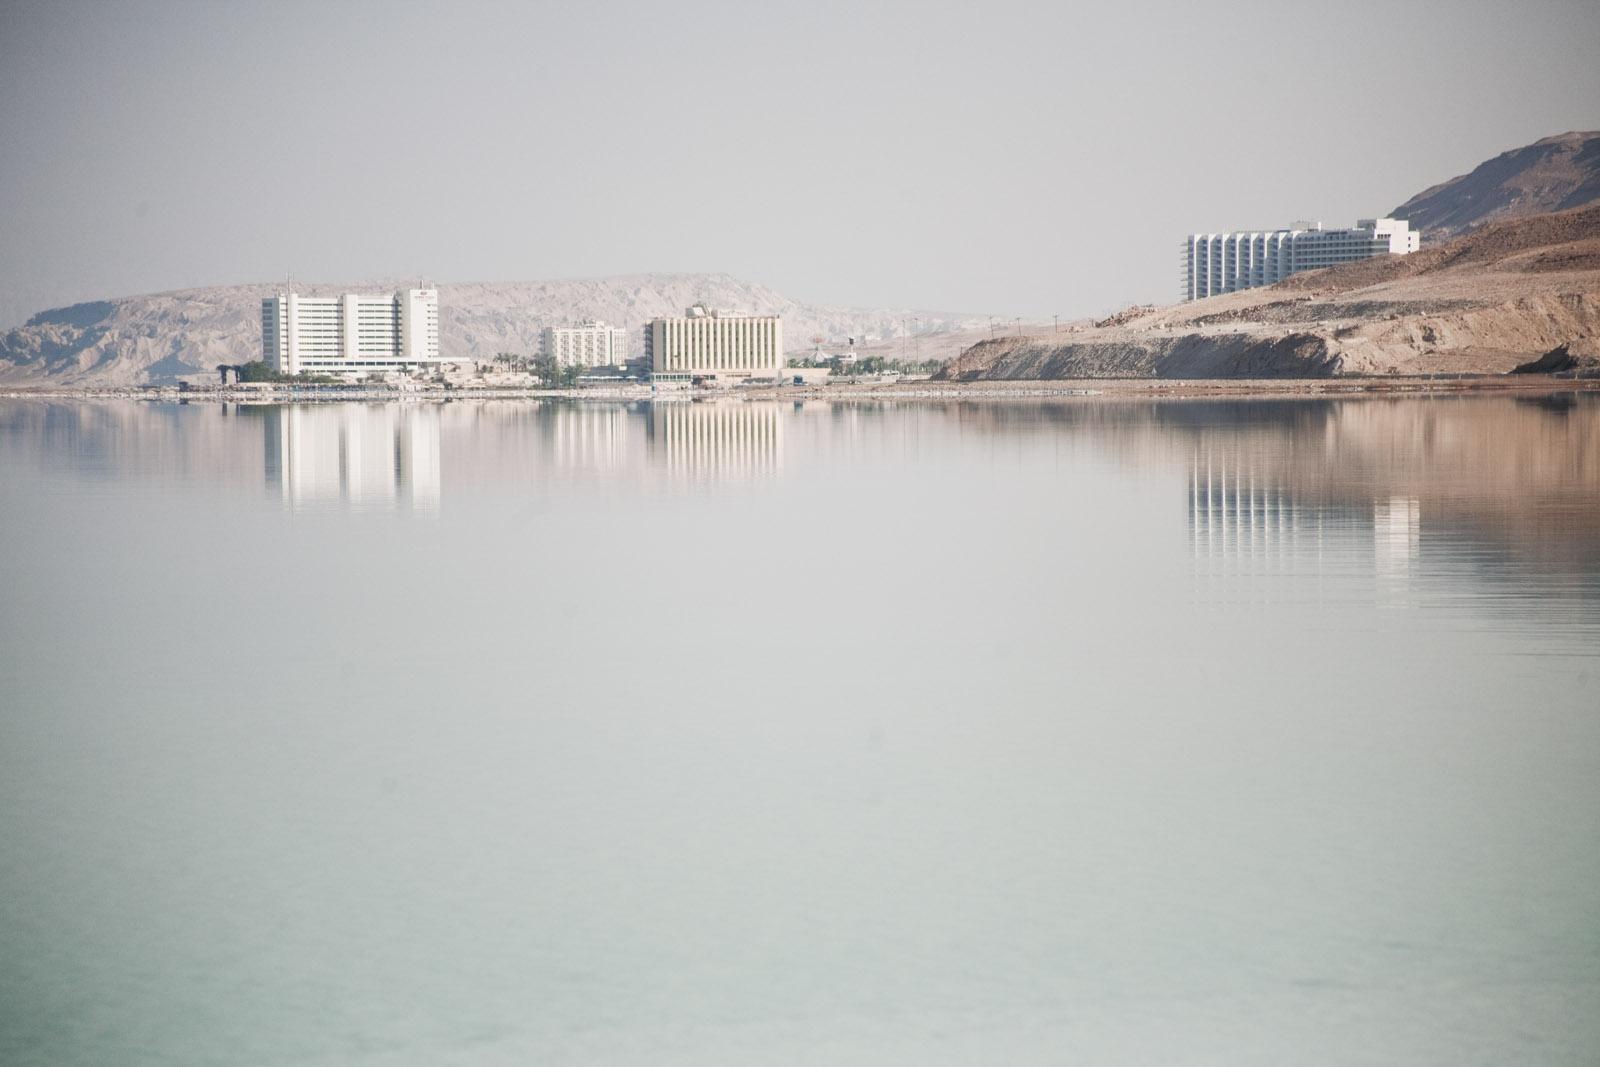 Un des complexes hôteliers au bord de la Mer Morte.